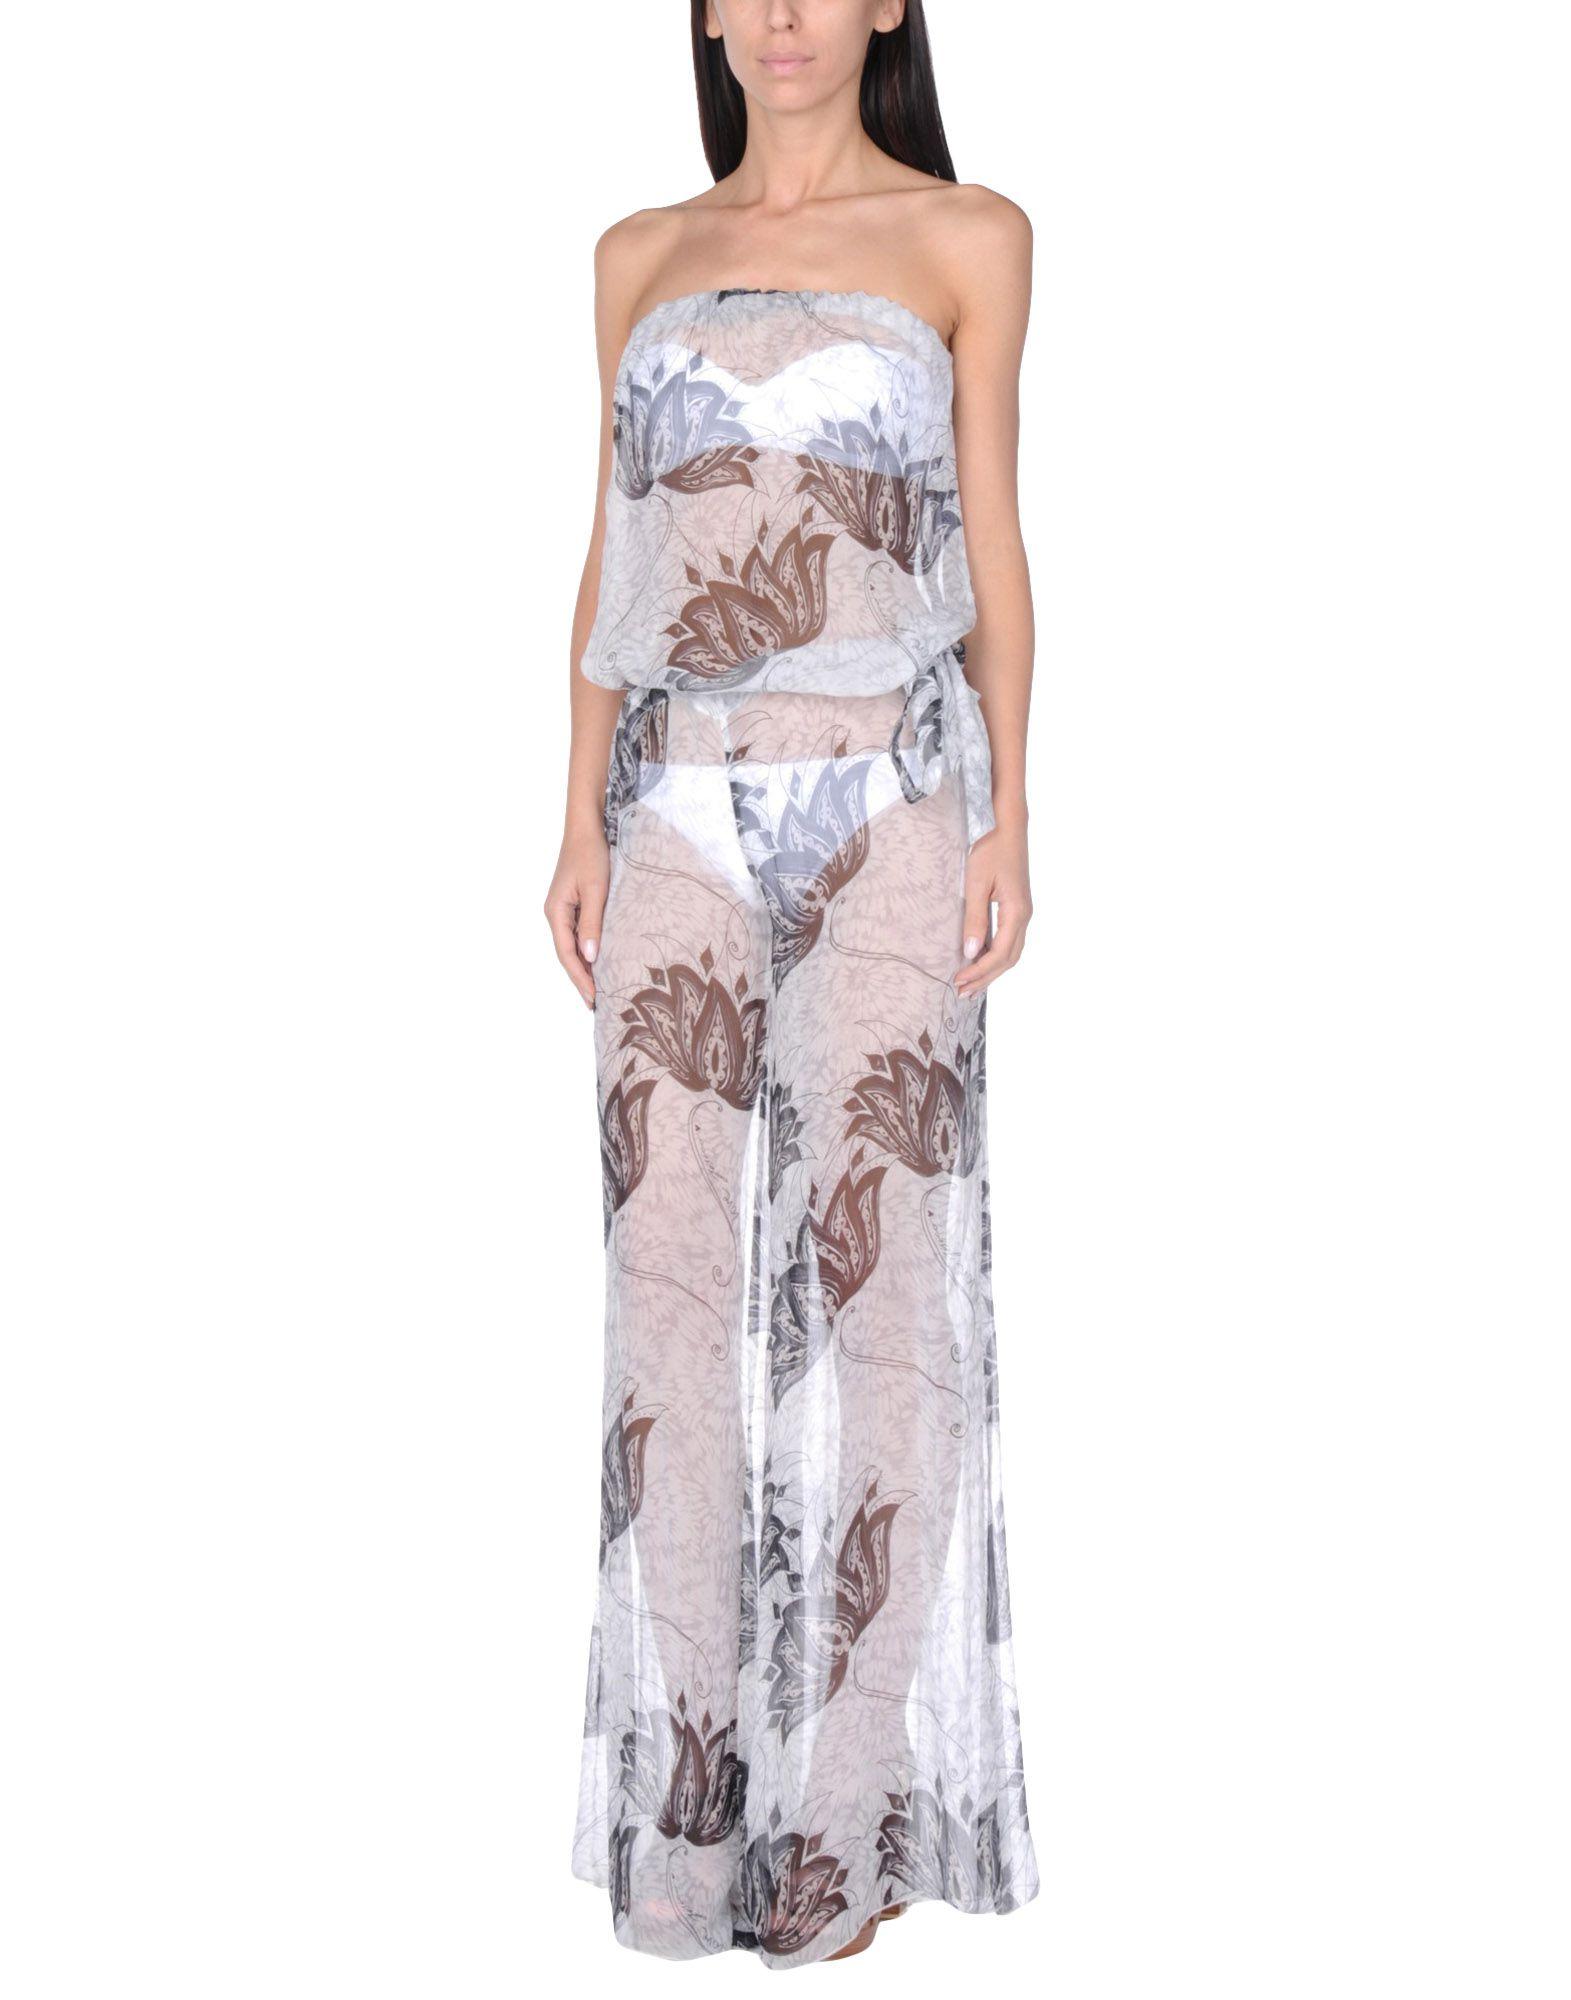 FISICO Пляжное платье фильтр на приус 23300 74330